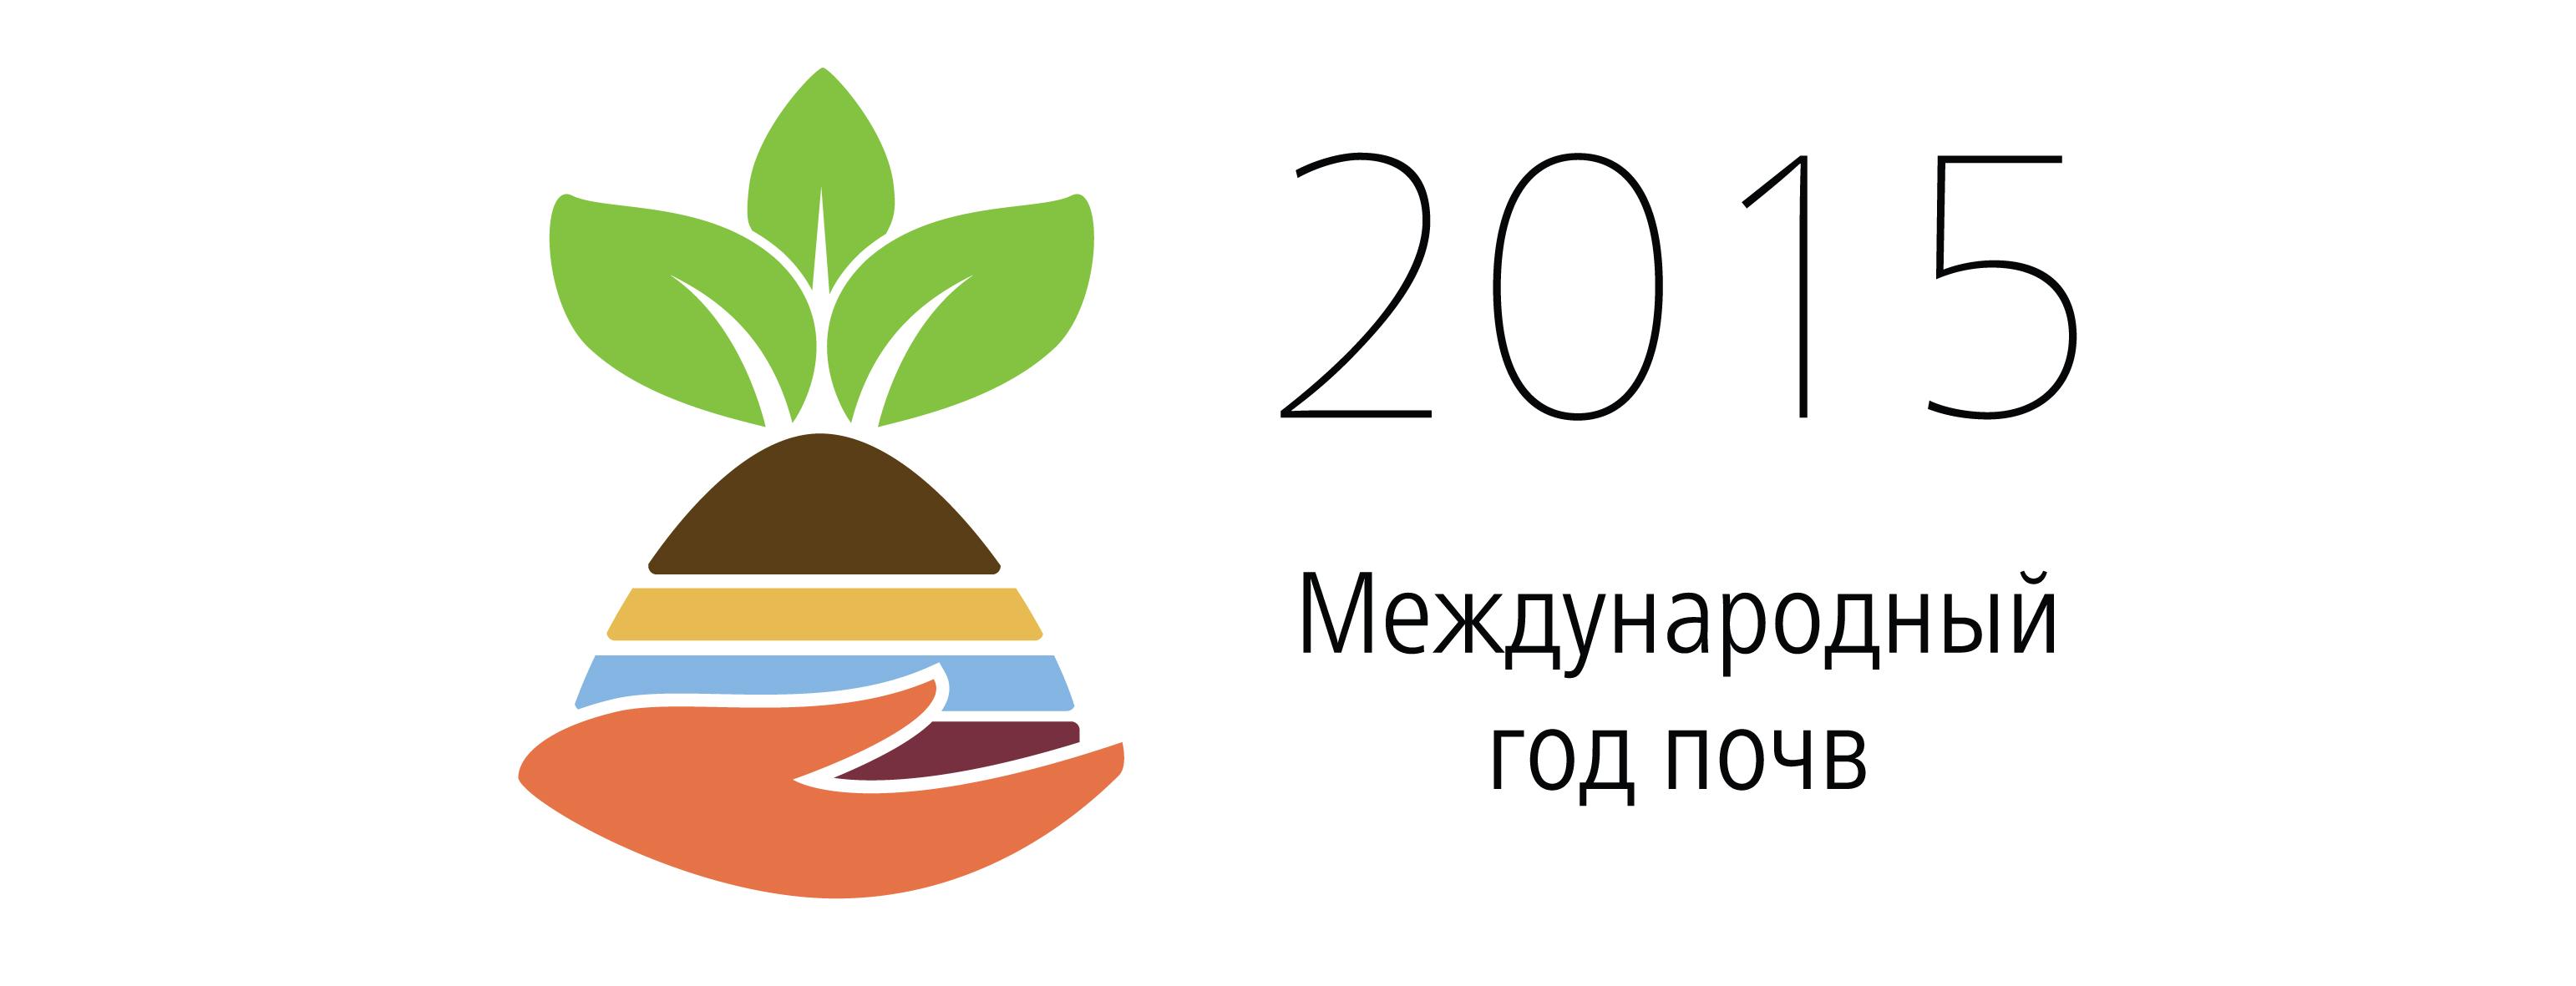 Международный год почв